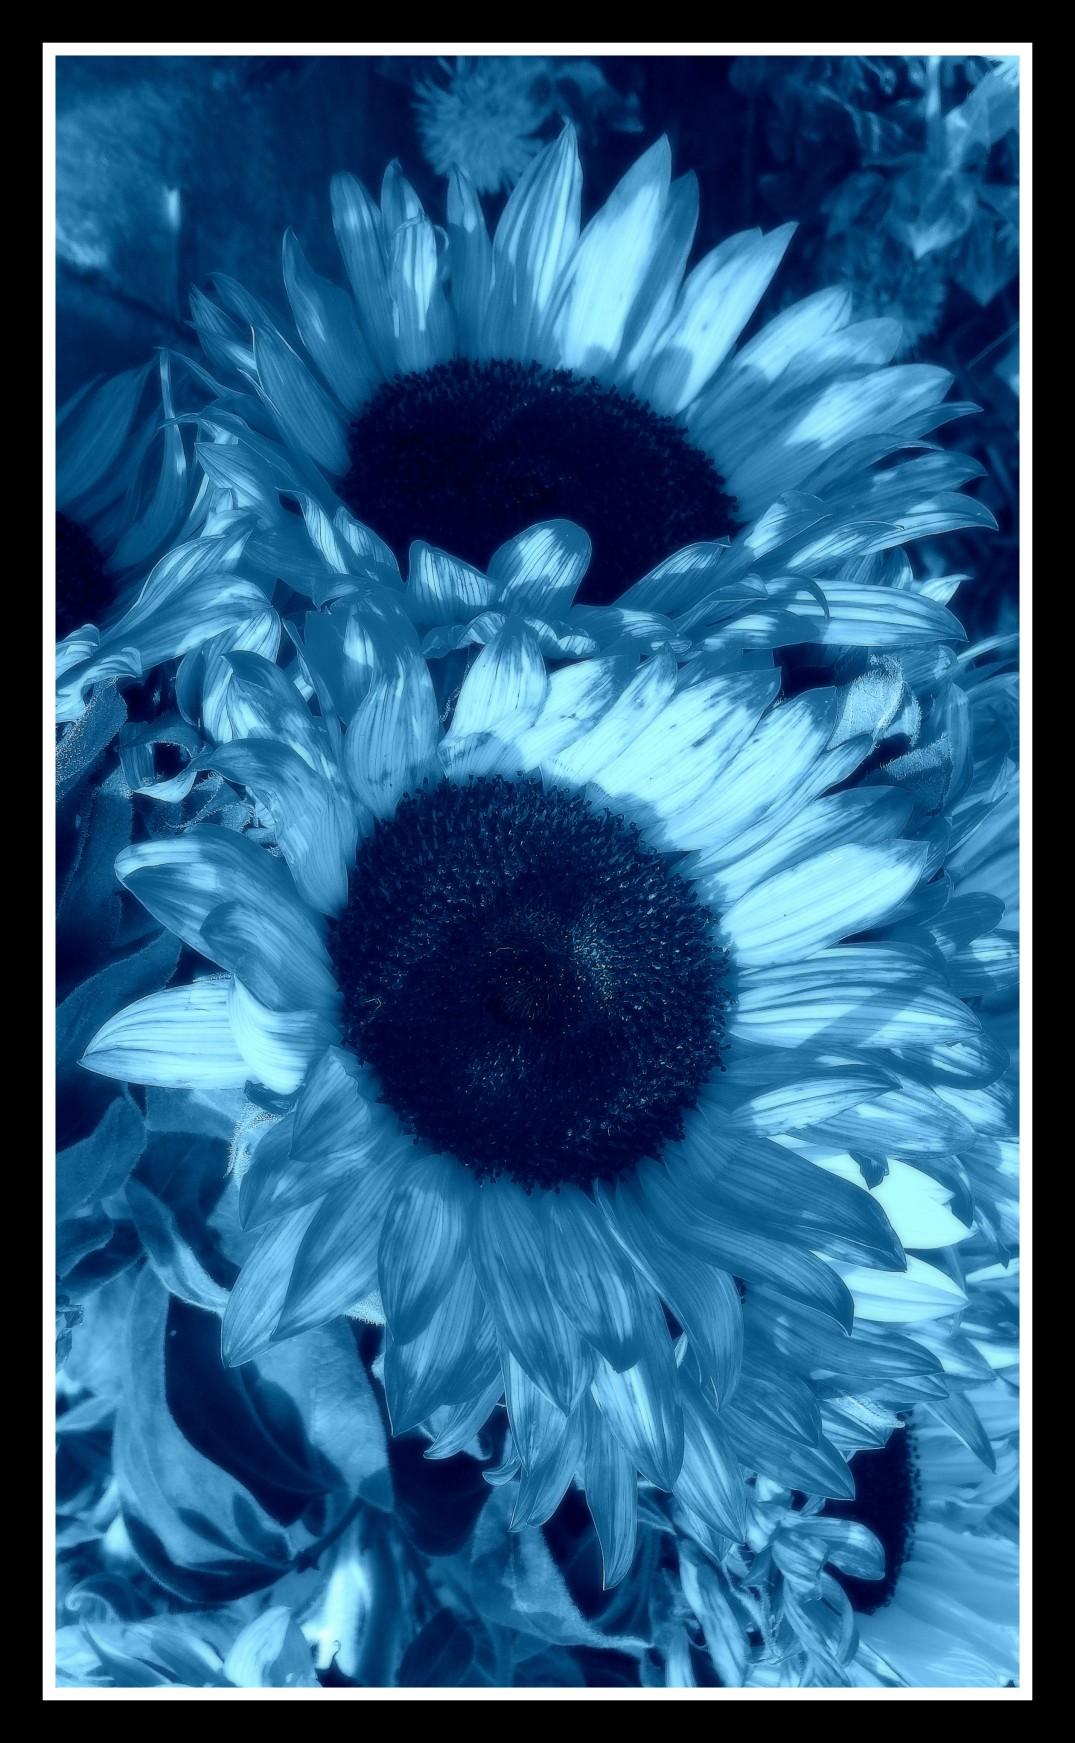 2015-06-10 S4 742 Blue Urban Flowers sunflower framed